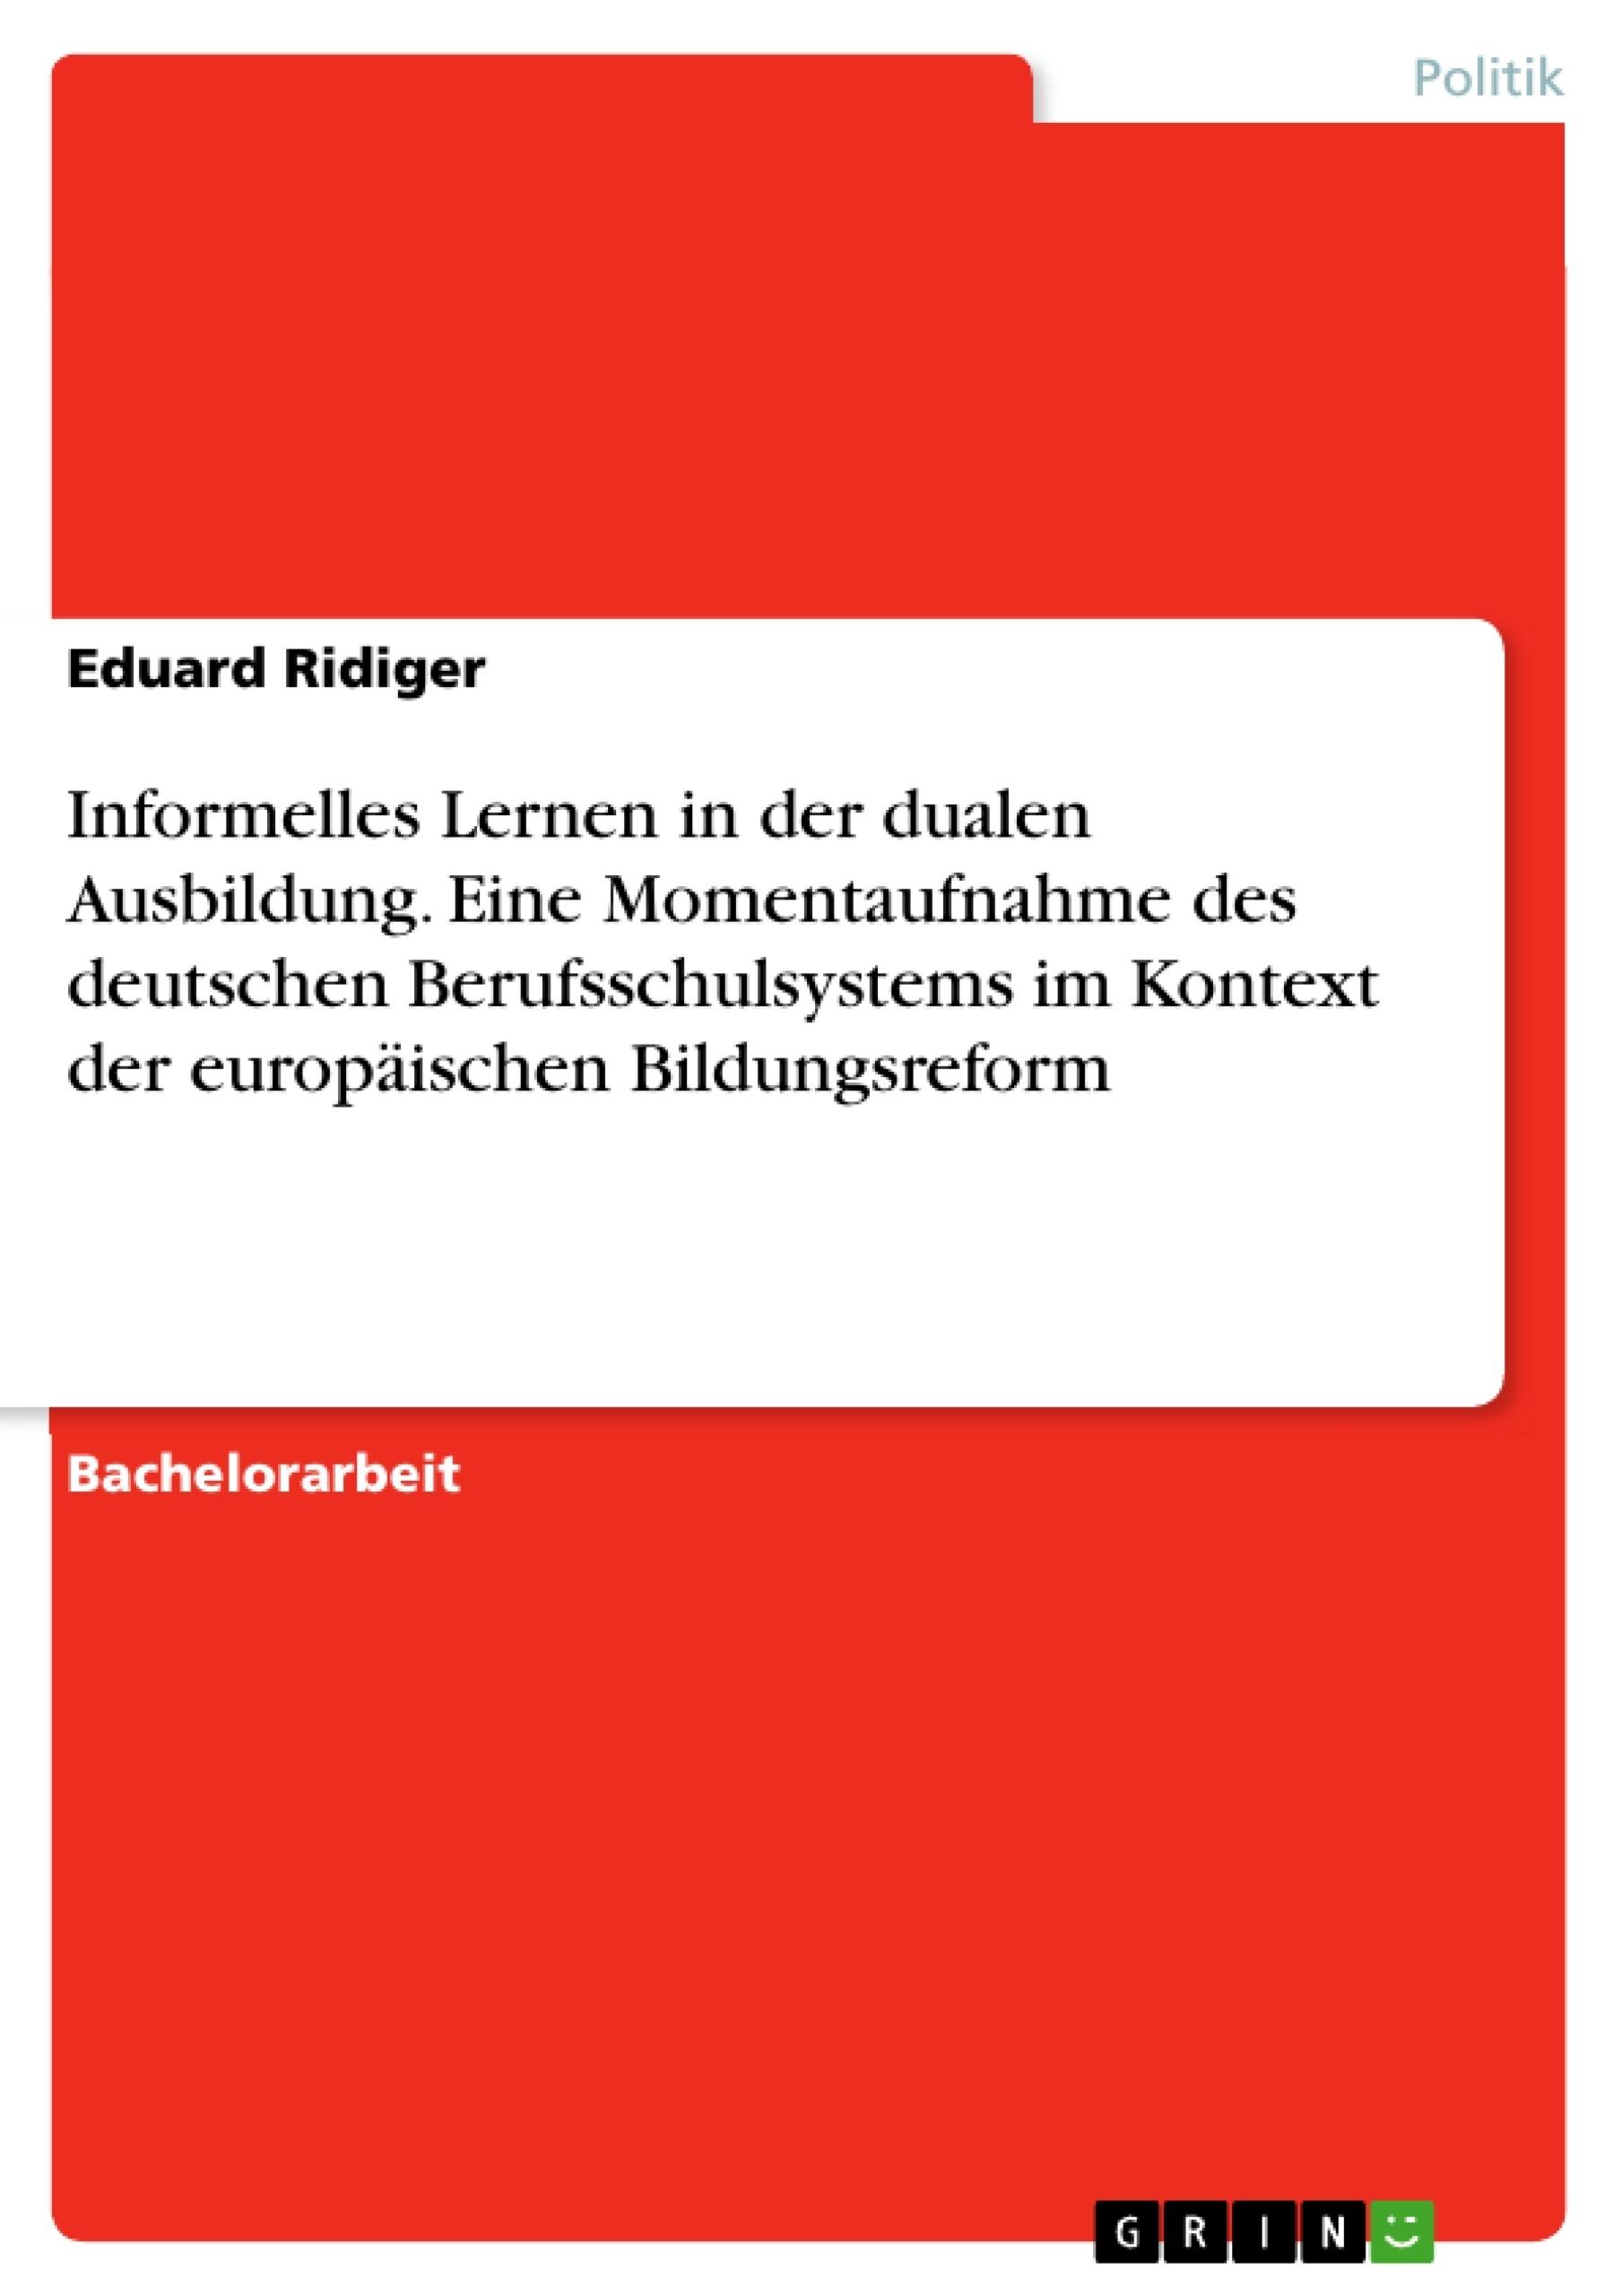 Titel: Informelles Lernen in der dualen Ausbildung. Eine Momentaufnahme des deutschen Berufsschulsystems im Kontext der europäischen Bildungsreform